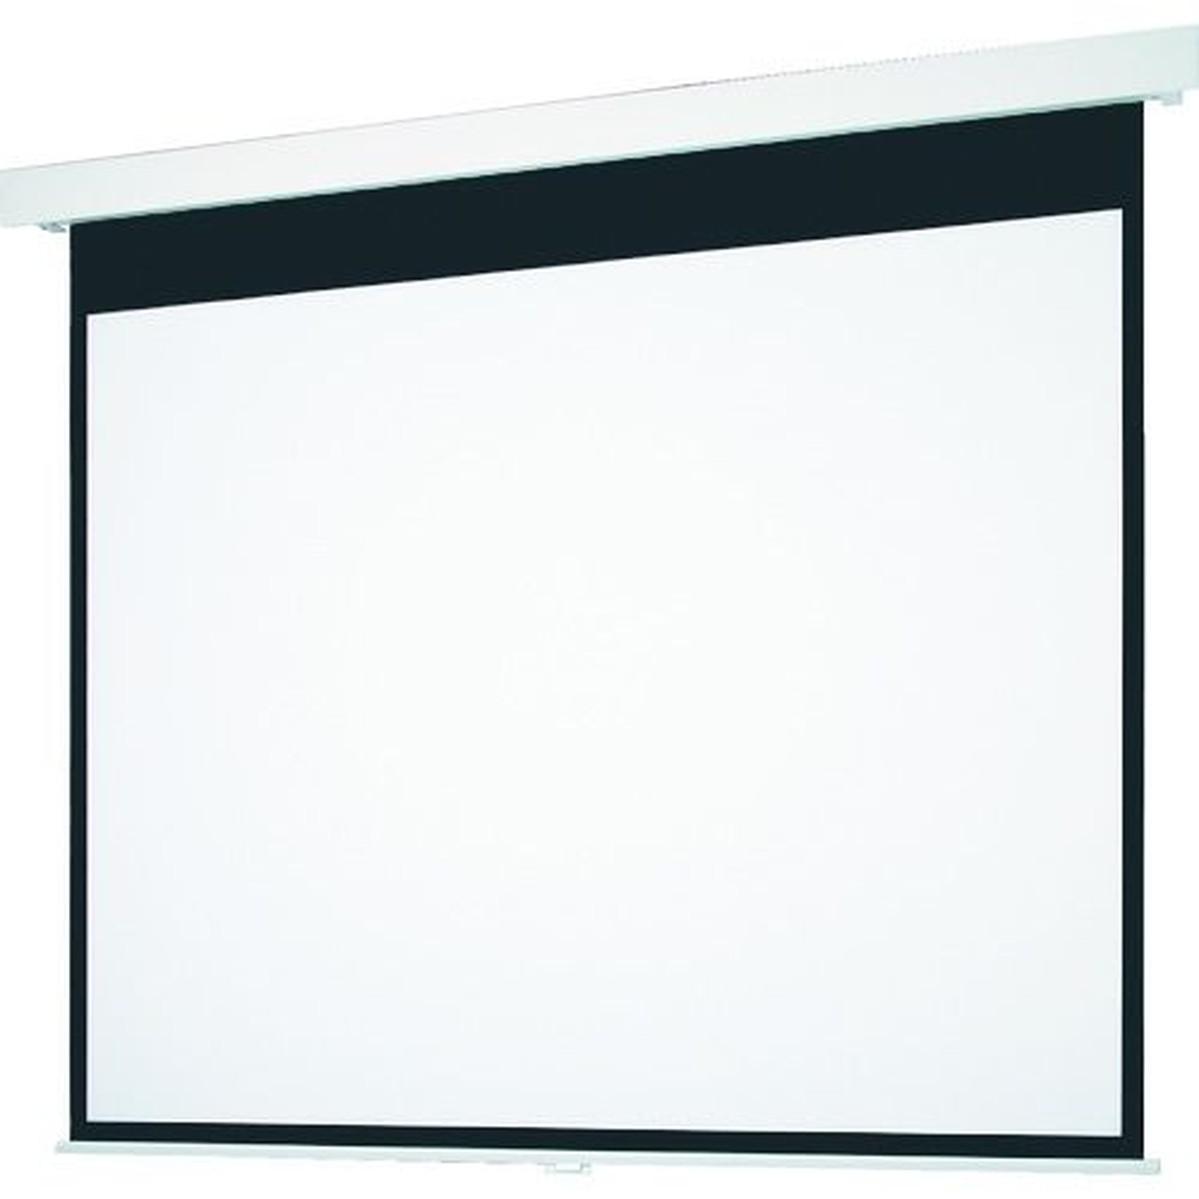 超特価SALE開催! OS 1台OS 80型手動巻上げ式スクリーン 1台, プレミアムゴルフ倶楽部:92a0da97 --- dibranet.com